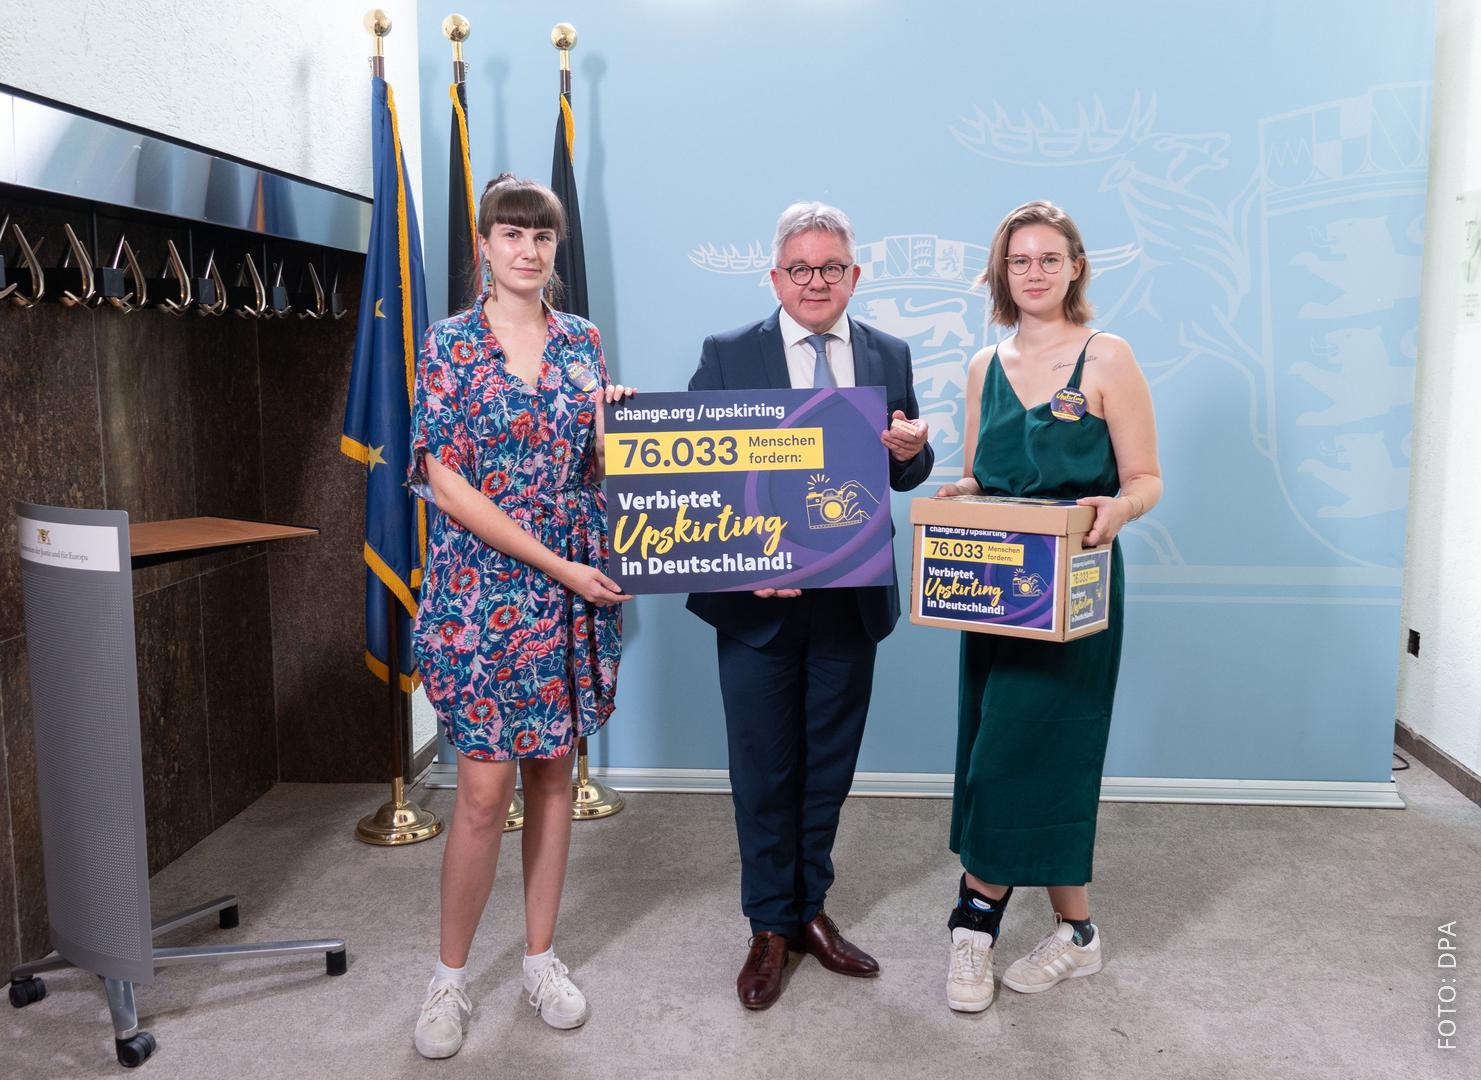 Die beiden Gründerinnen der Online-Petition mit dem Justizminister von Baden-Württemberg.